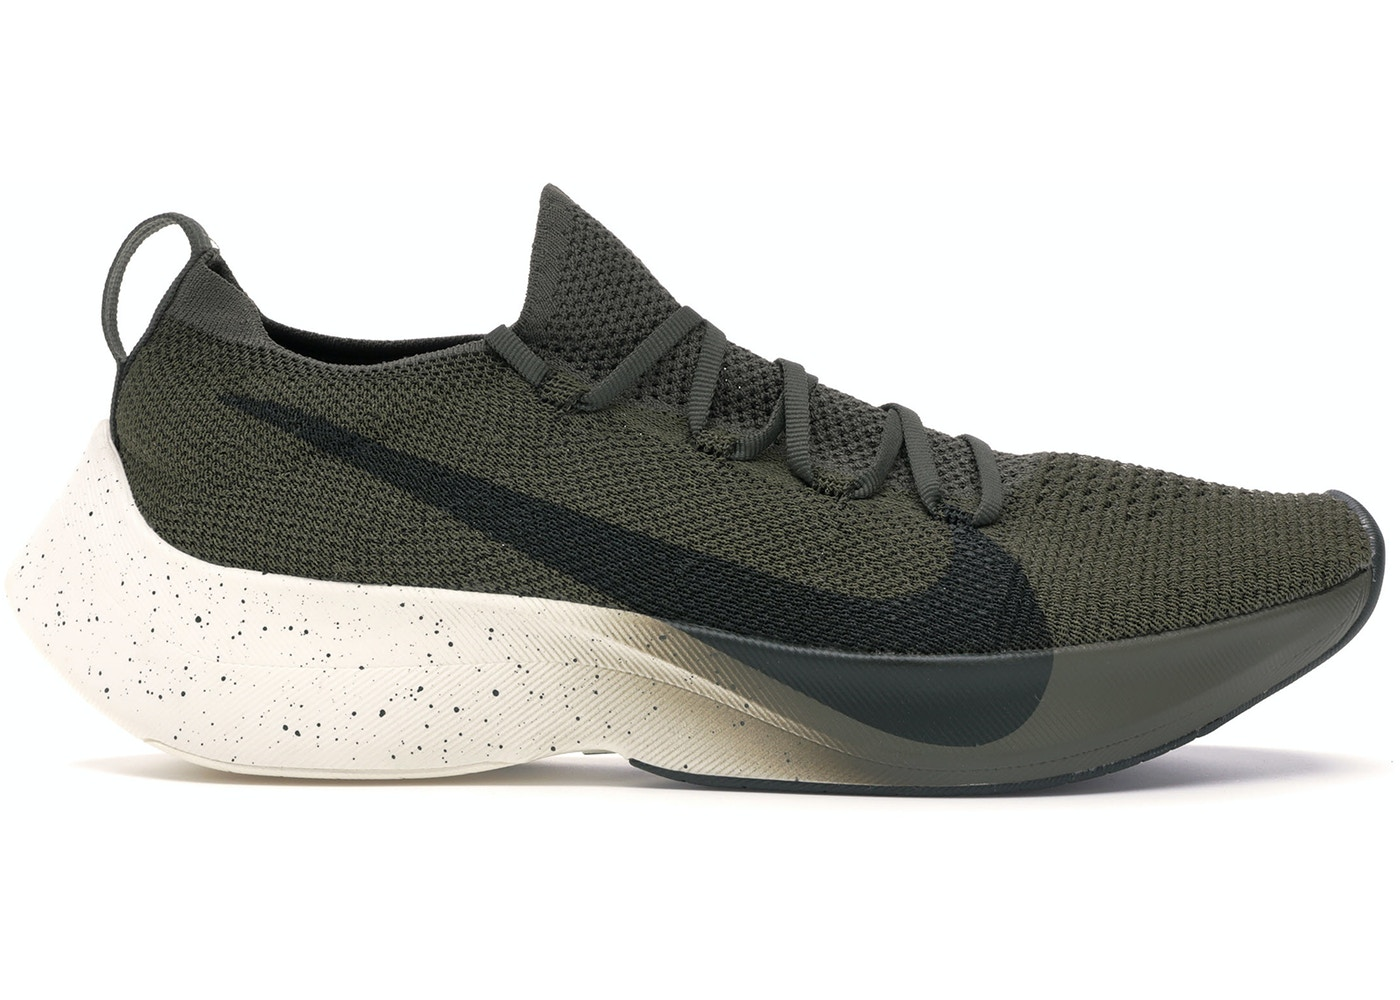 d6d9f74b92 Nike Vapor Street Flyknit Medium Olive - AQ1763-201